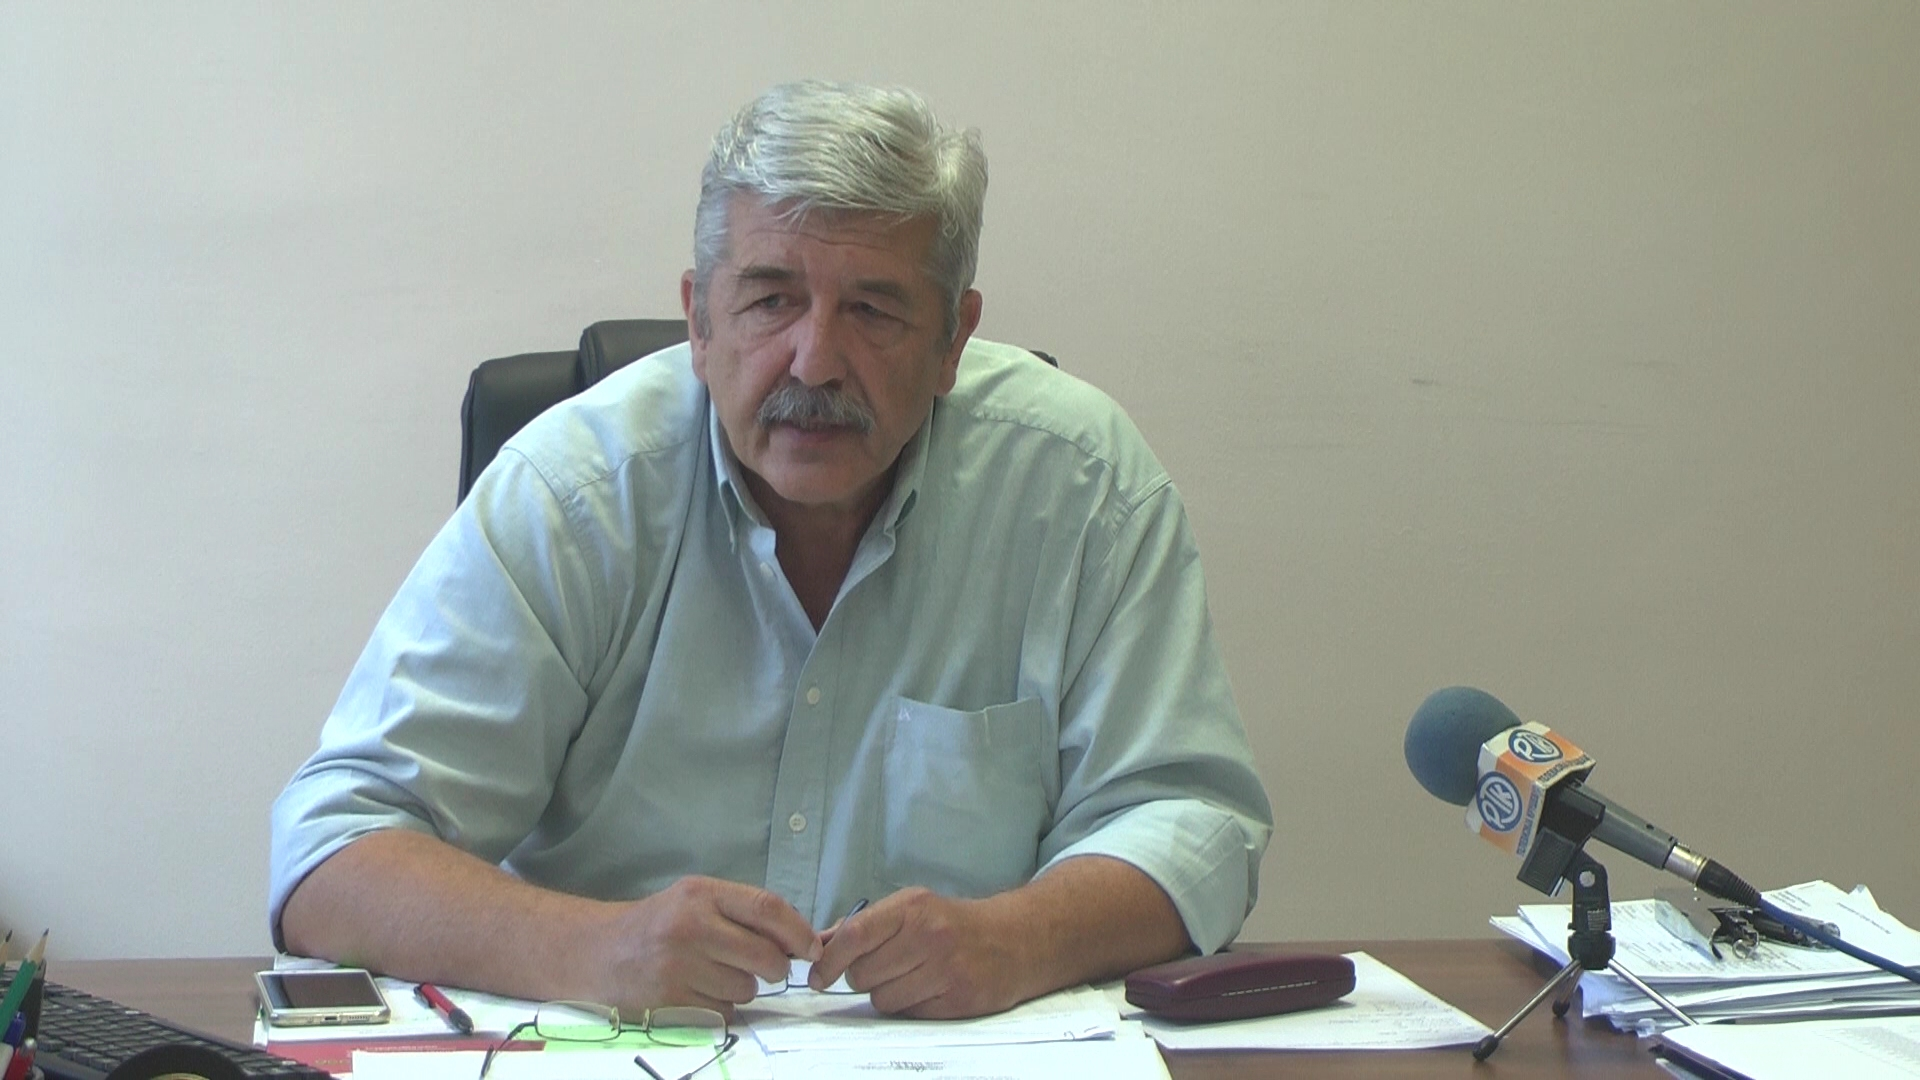 Za studenta prve godine studija na Poljoprivrednom fakultetu u Kruševcu nastava počinje u četvrtak